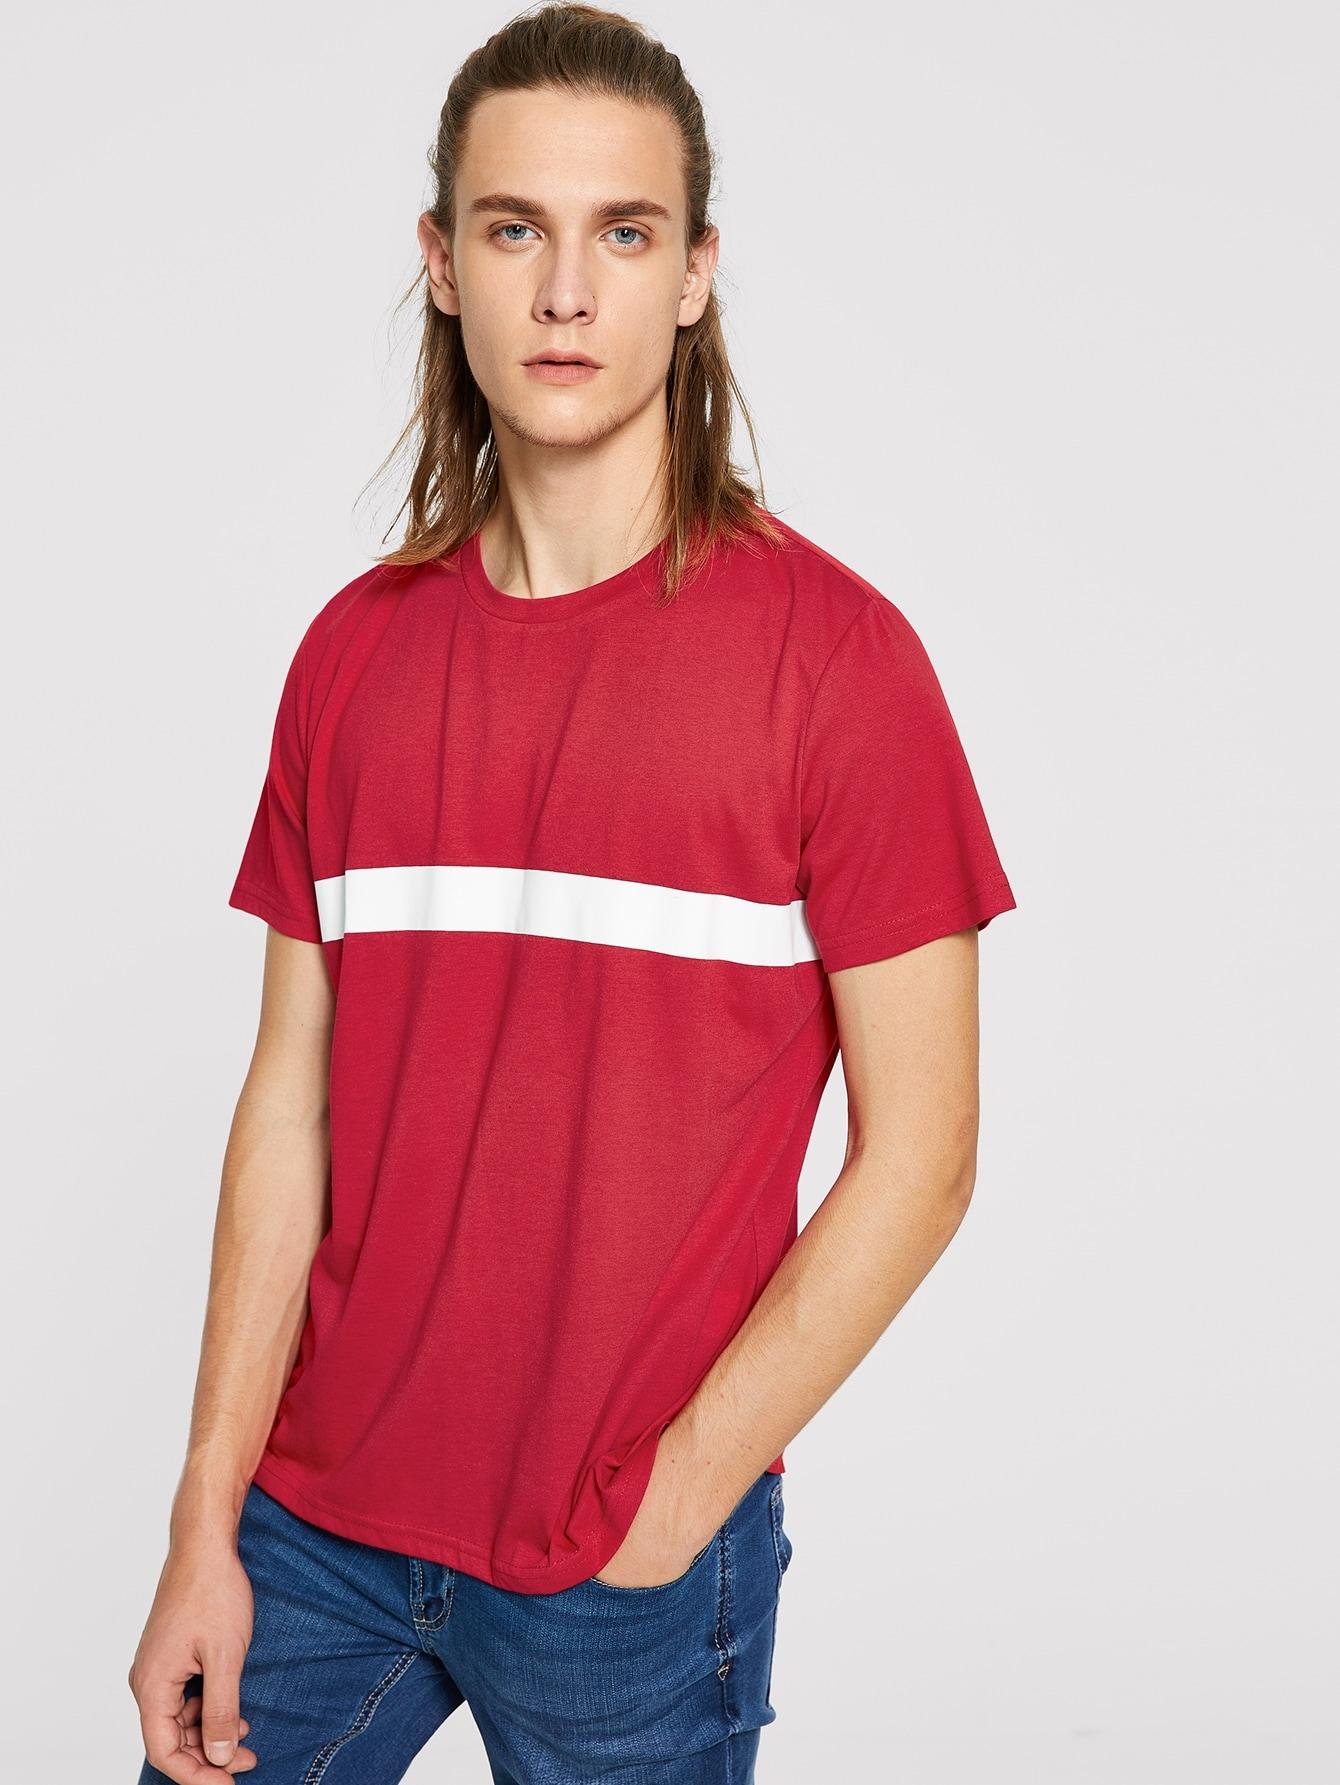 Купить Мужская футболка в полоску с коротким рукавом, EGOR, SheIn